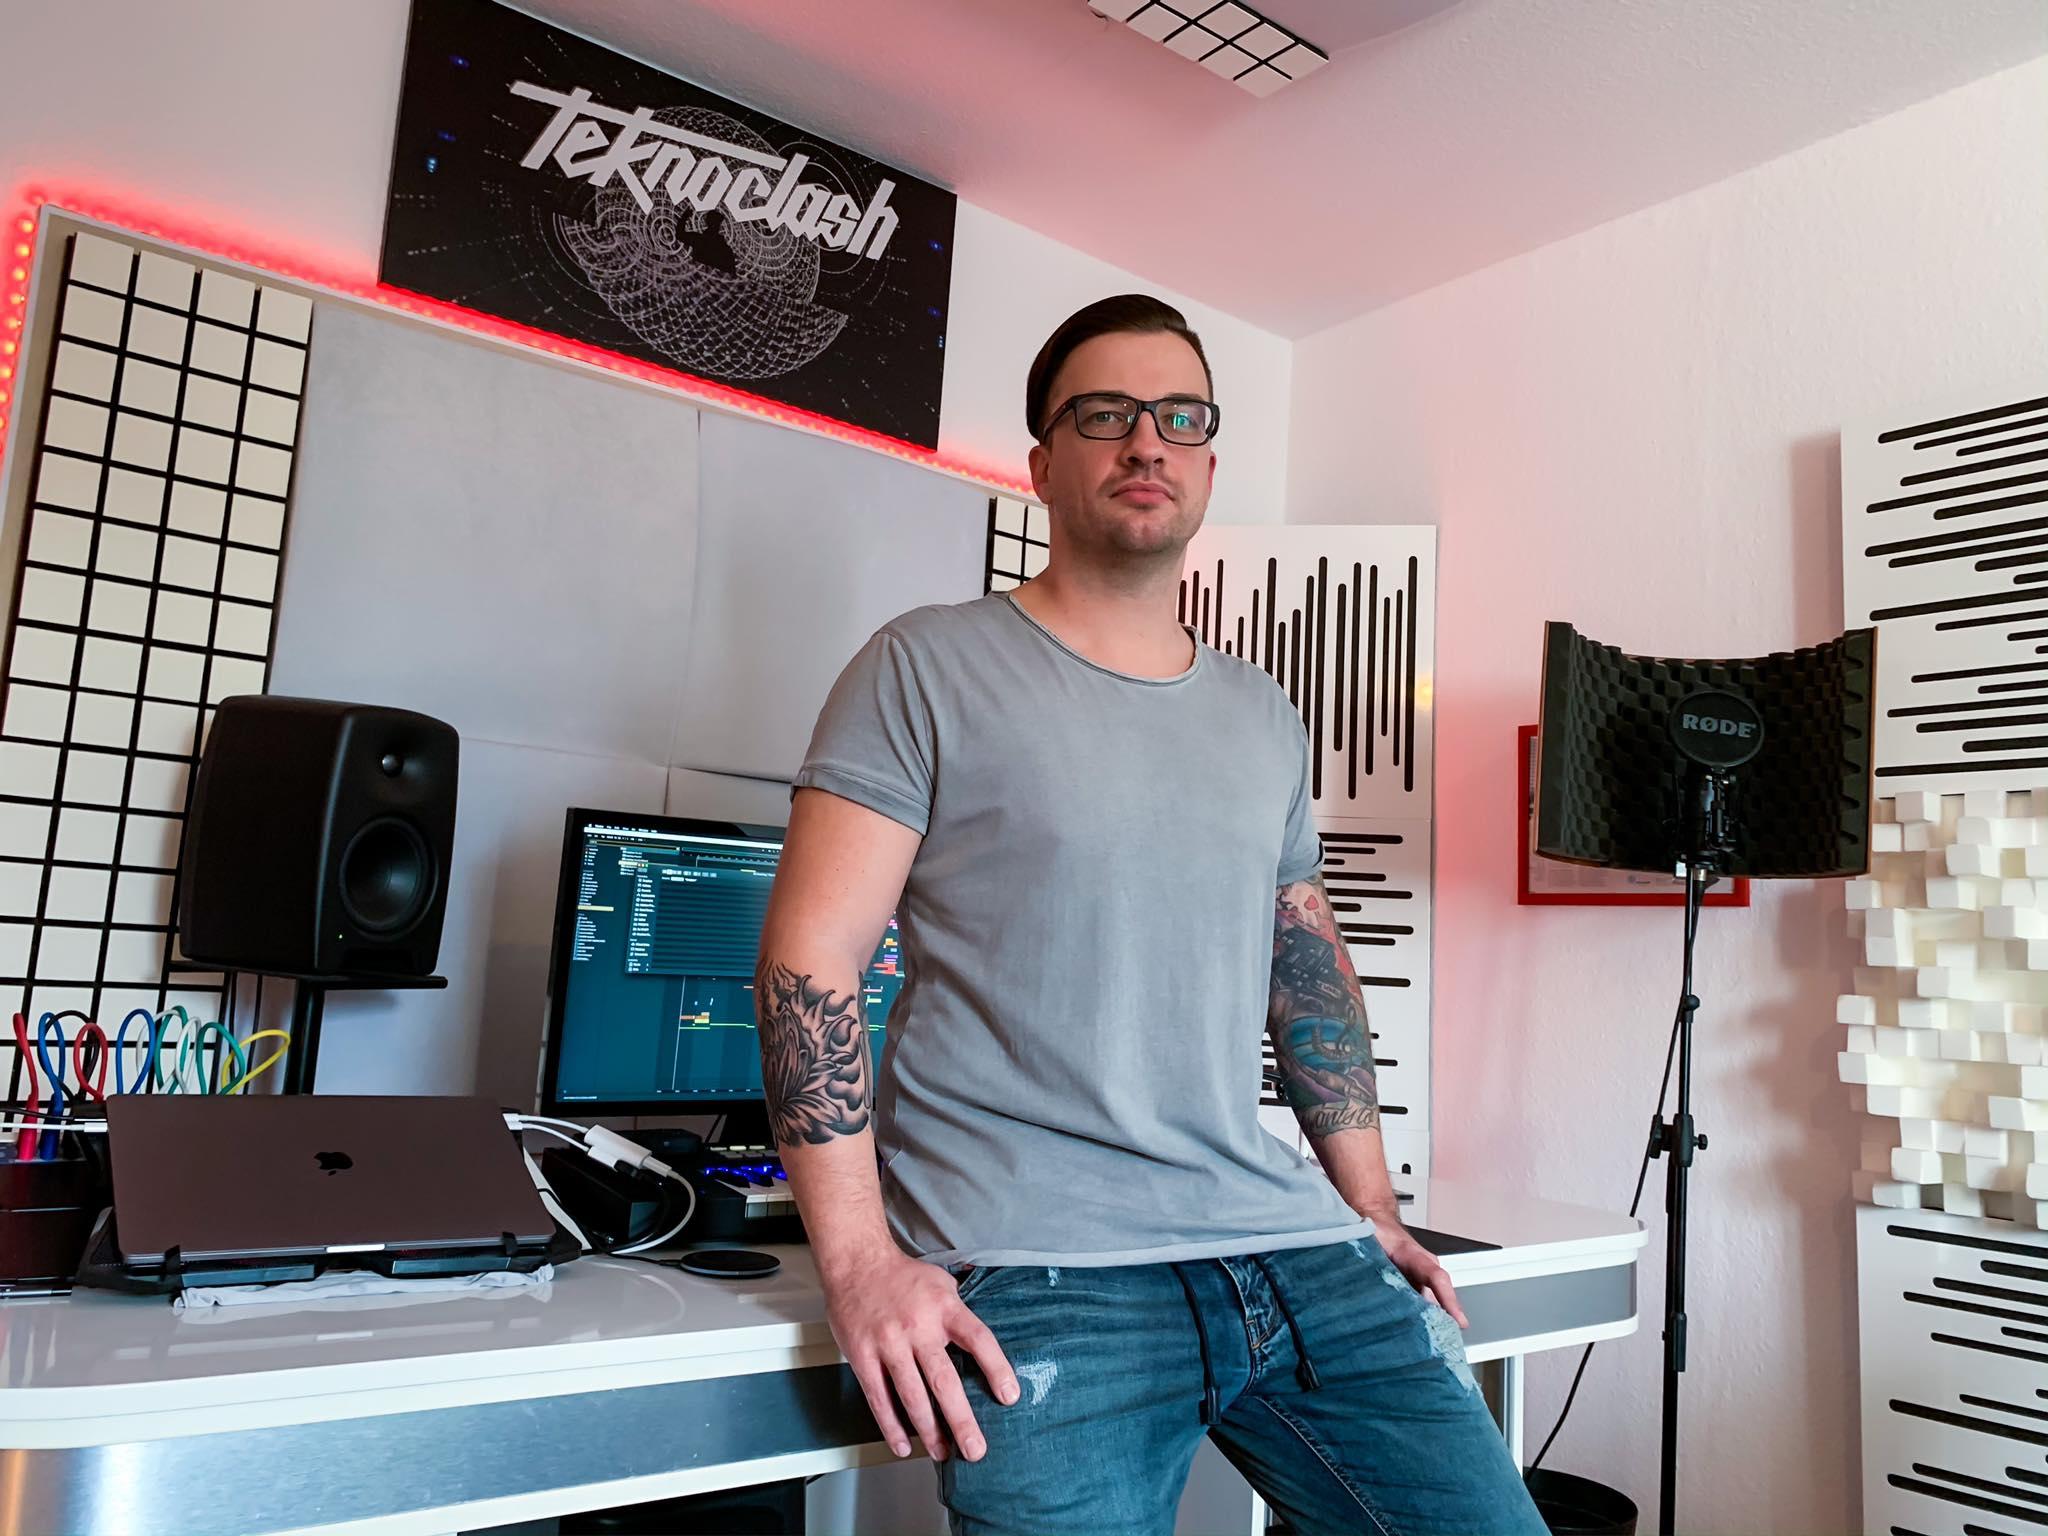 teknoclash in his studio